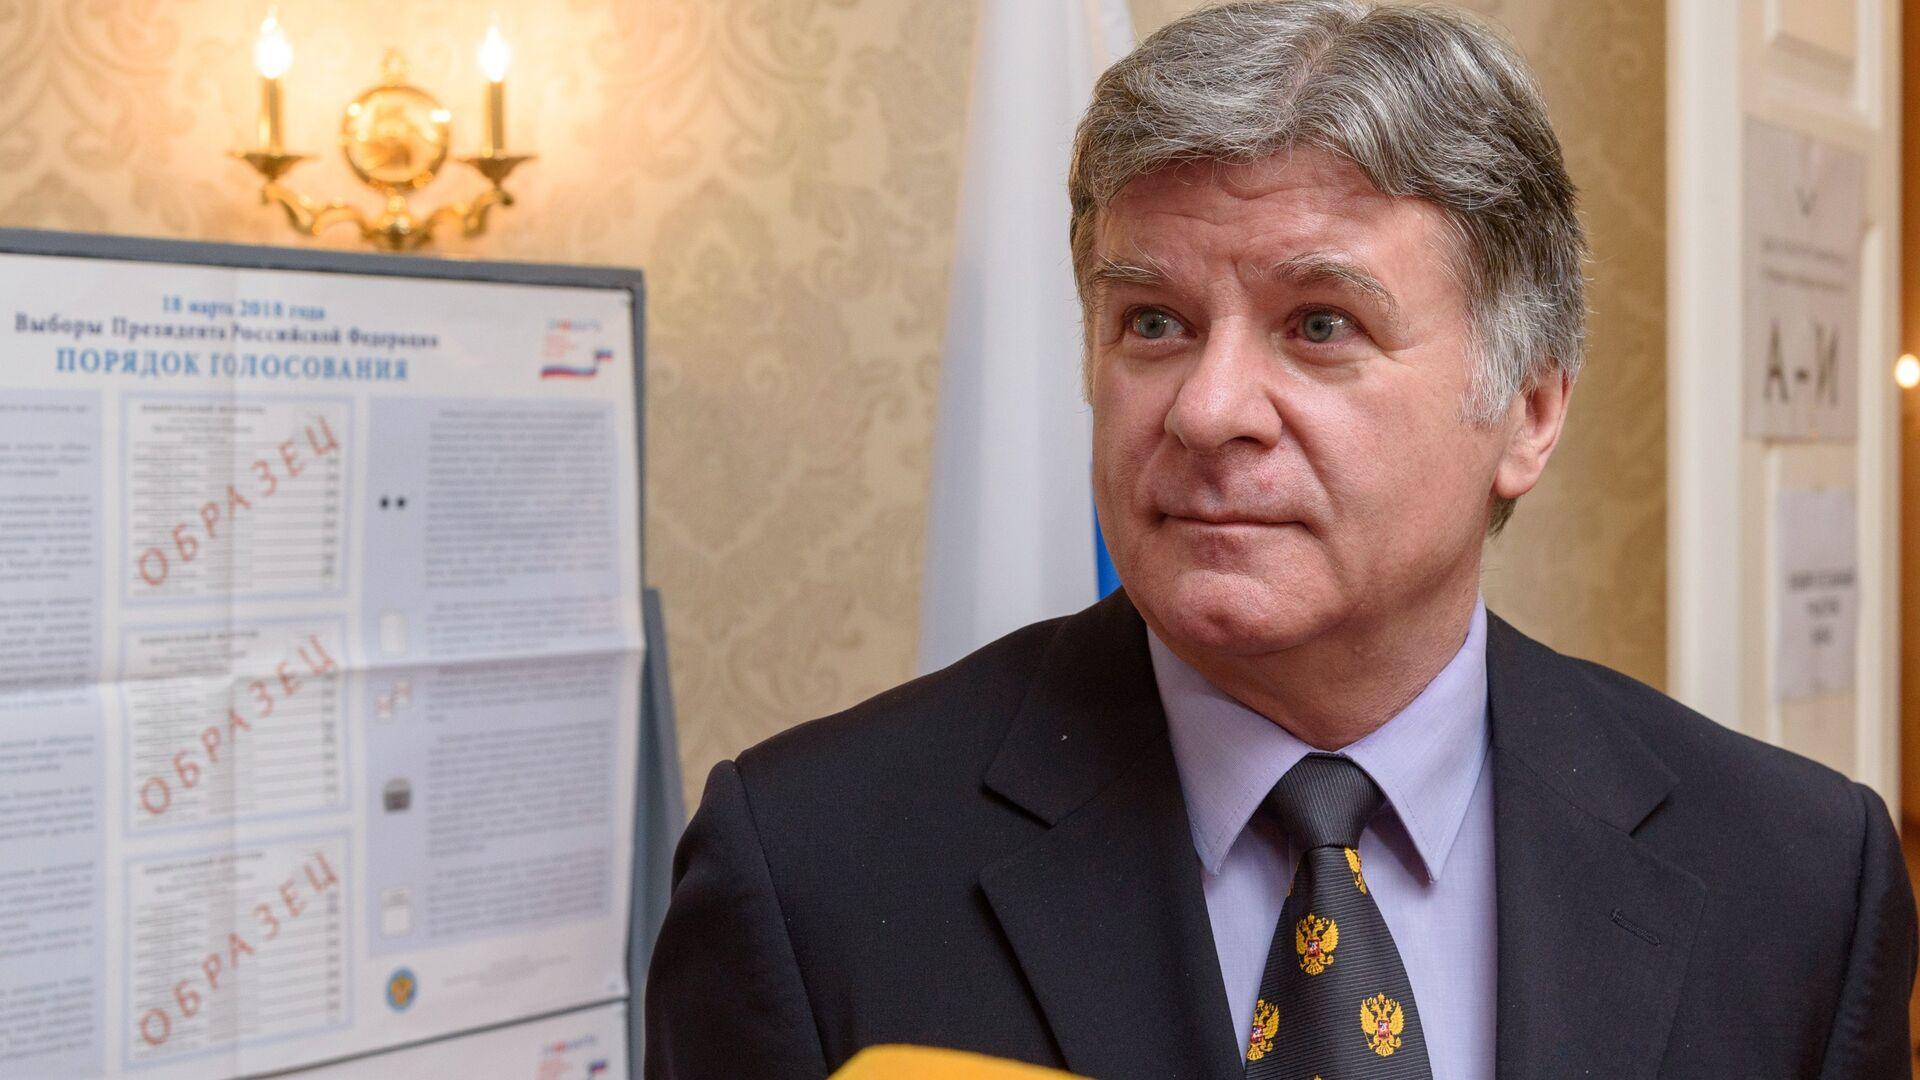 Чрезвычайный и полномочный посол Российской Федерации в Эстонии Александр Петров  - РИА Новости, 1920, 19.09.2021